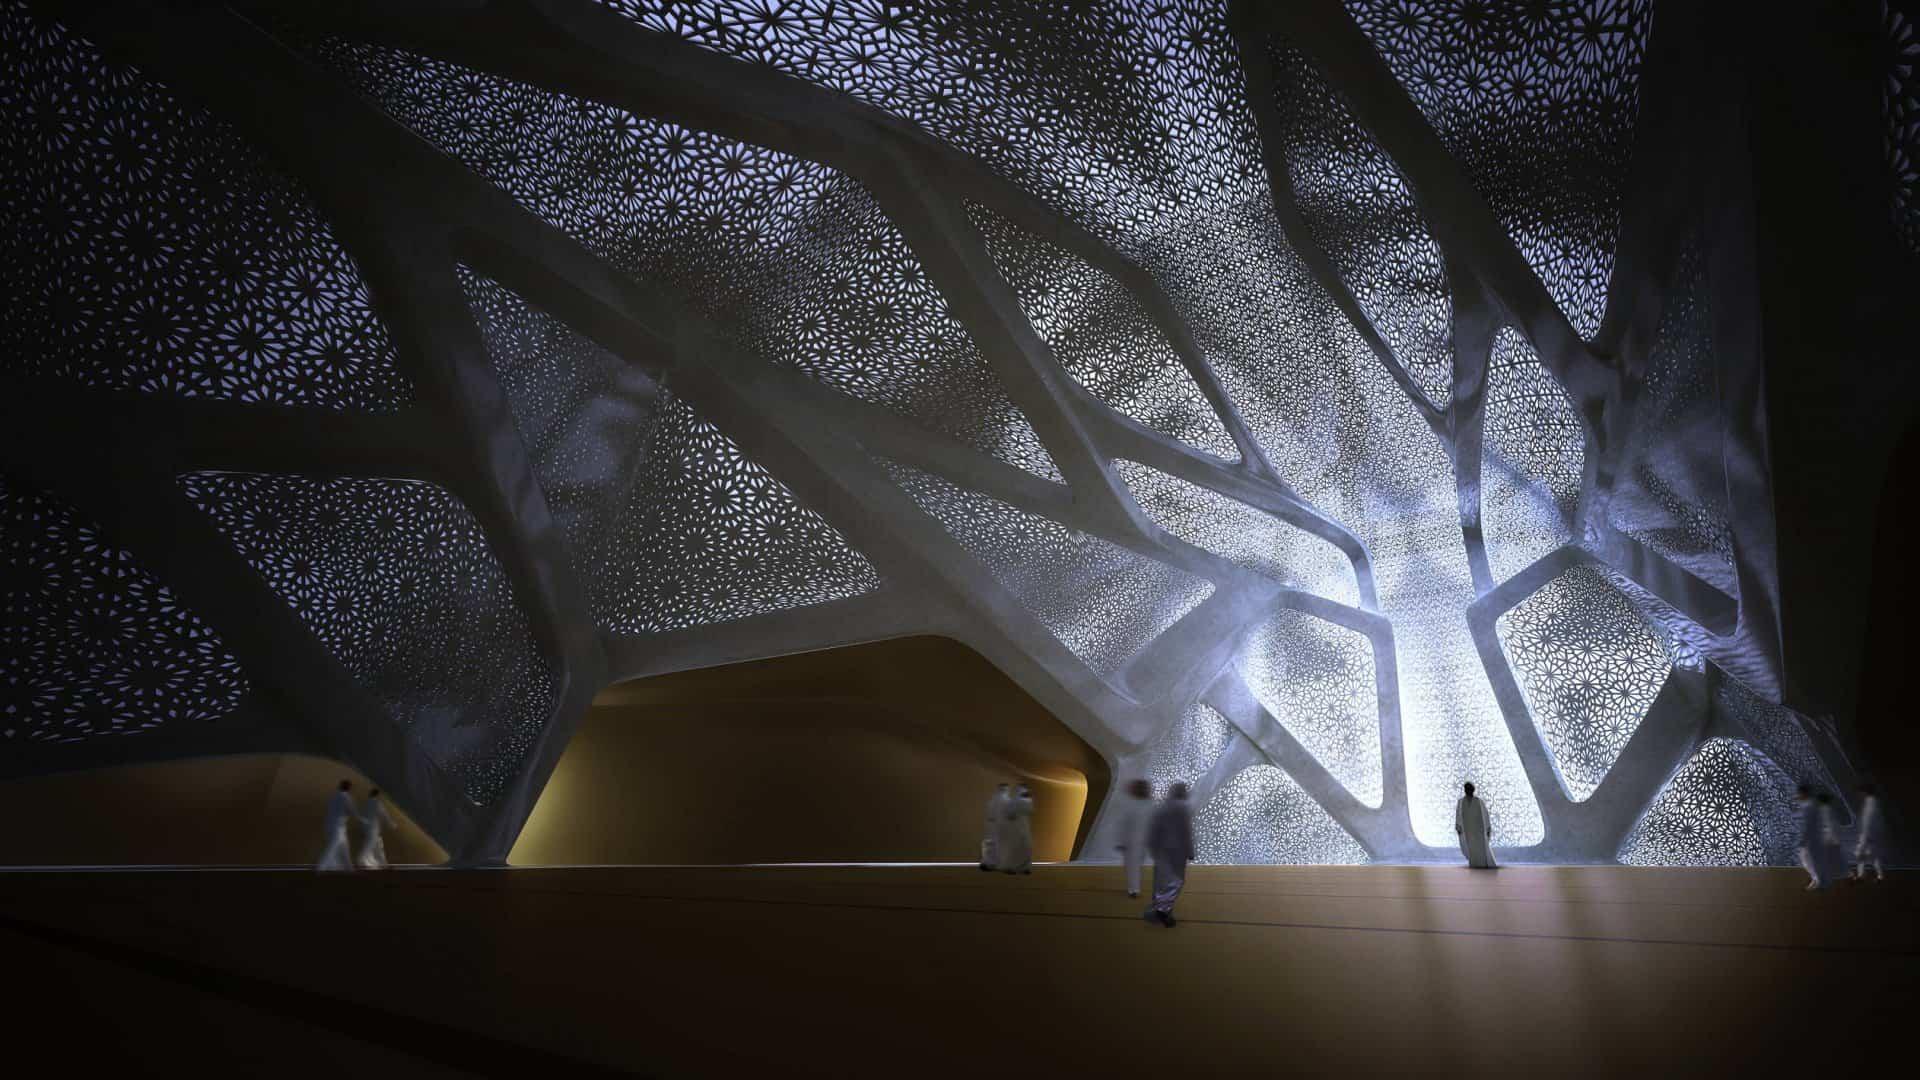 futuro de la arquitectura - KAPSARC